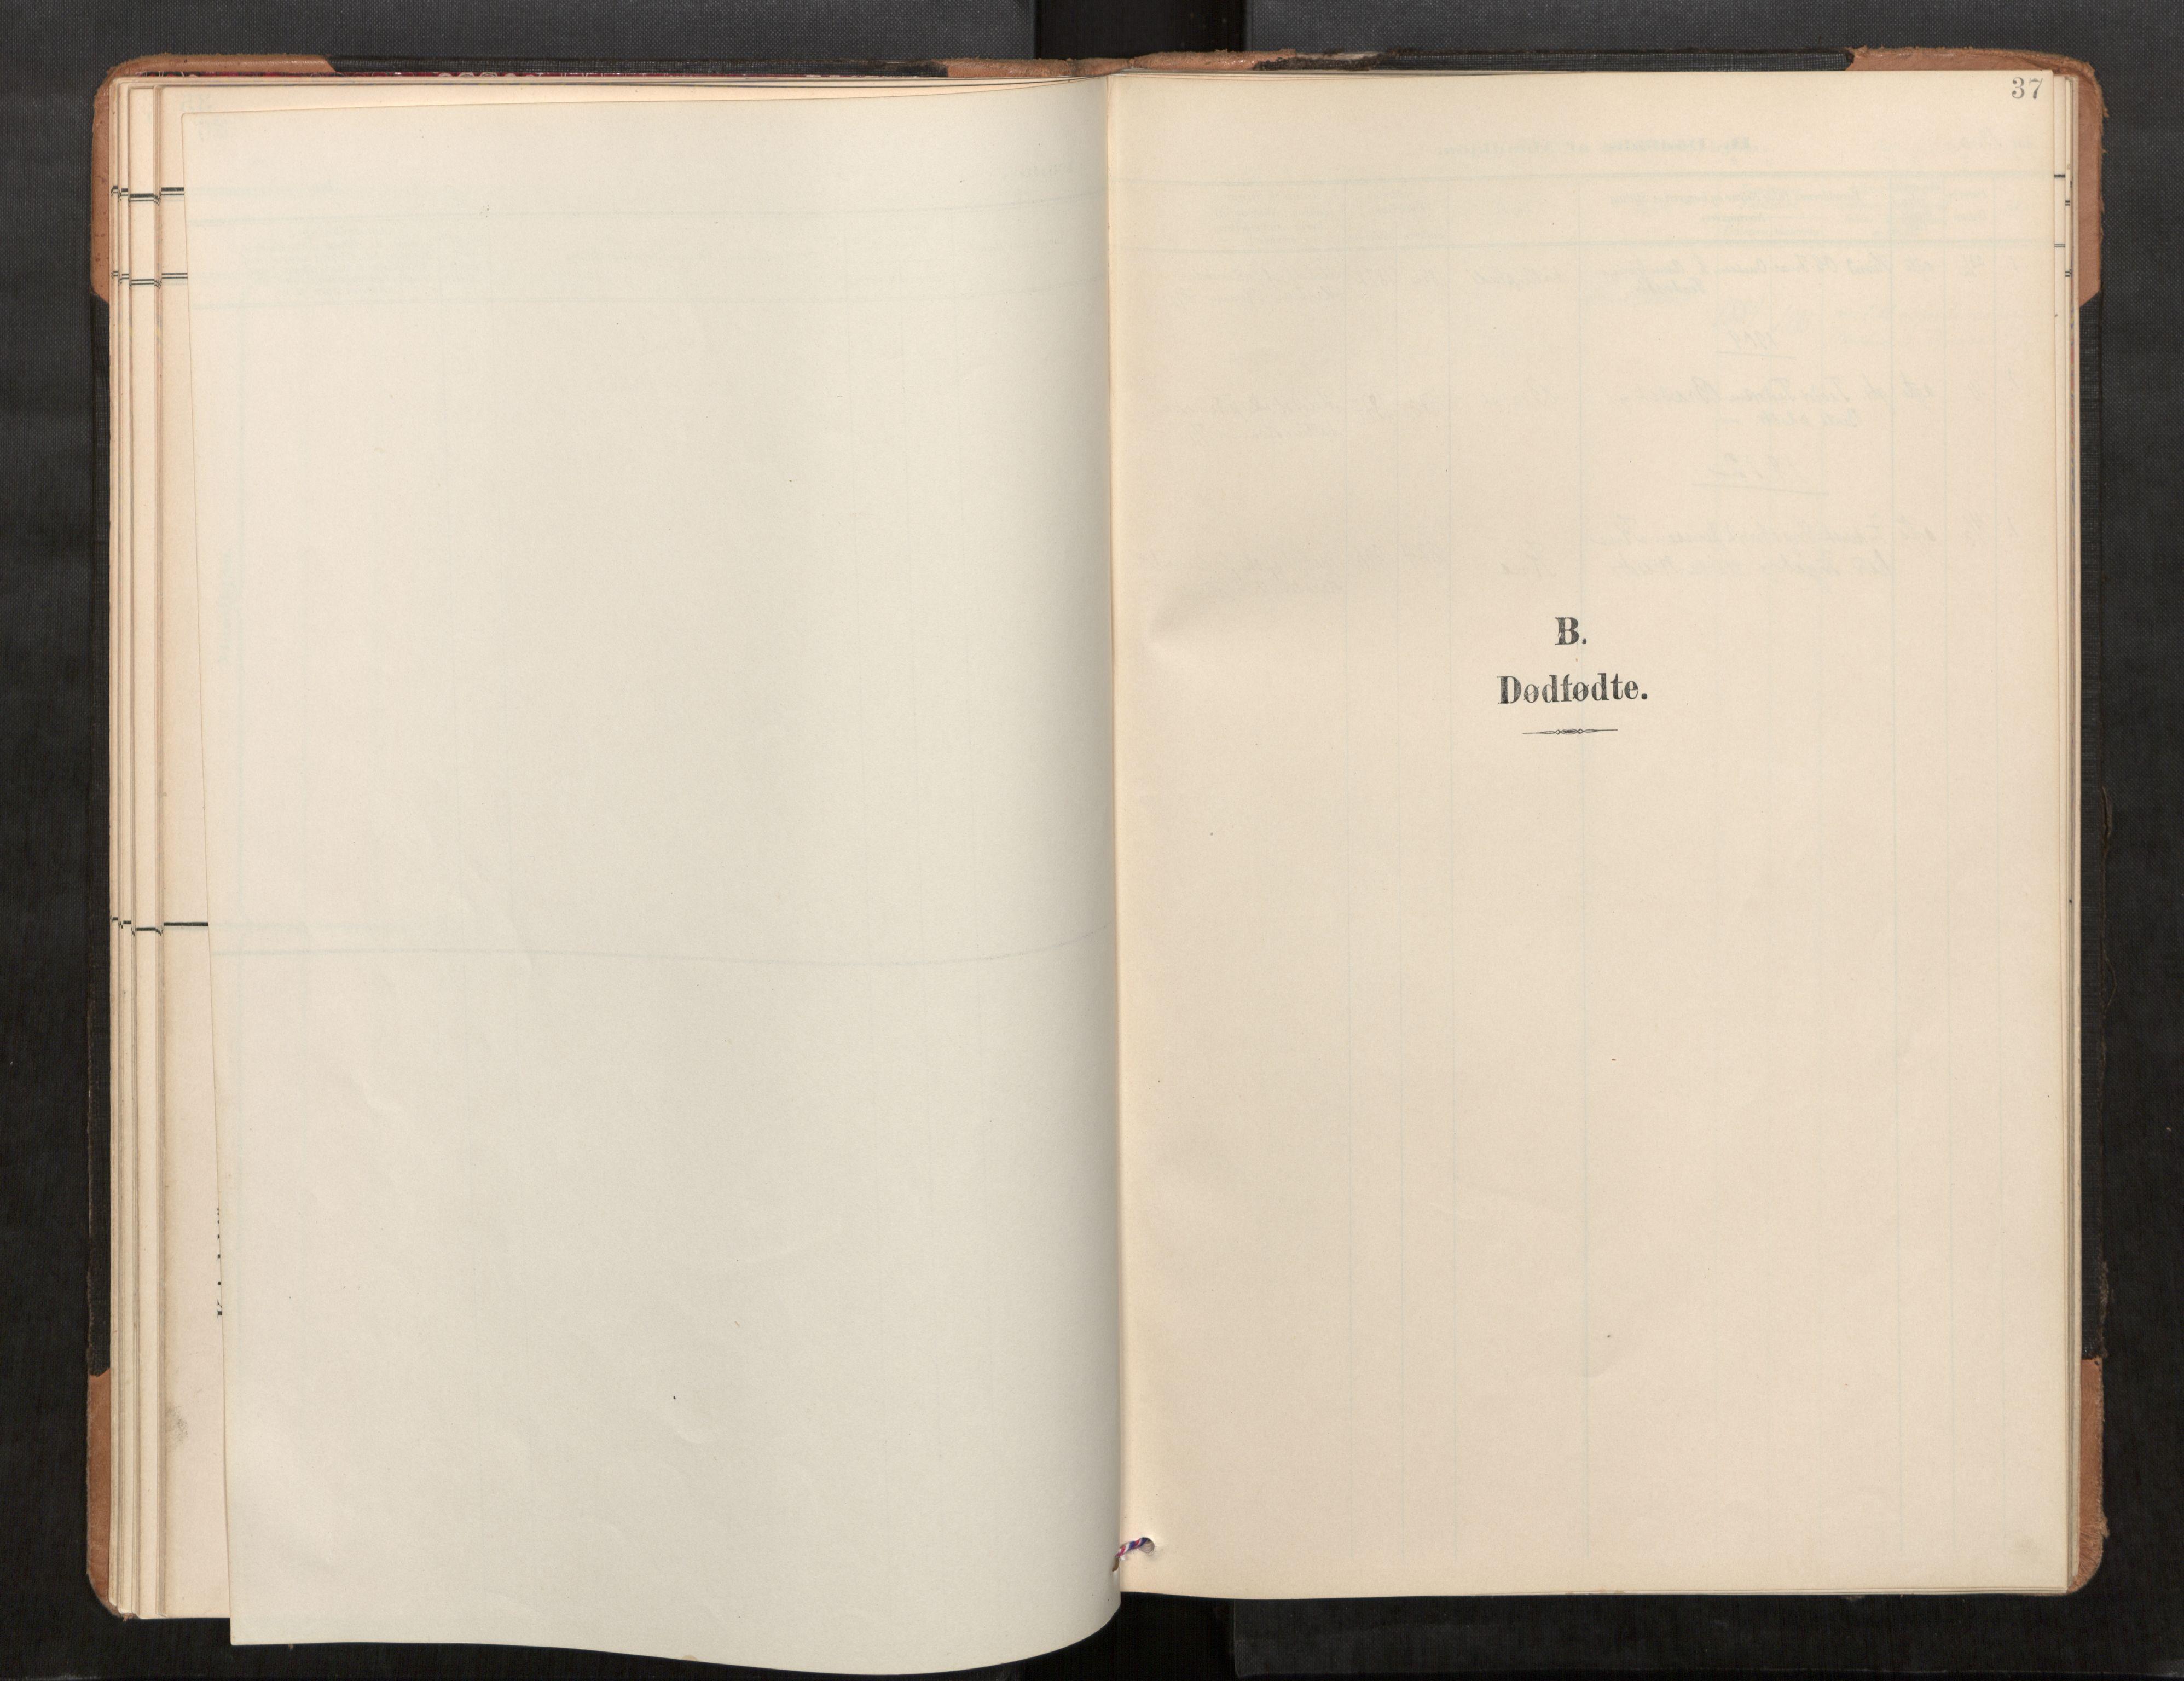 SAT, Stod sokneprestkontor, I/I1/I1a/L0001: Parish register (official) no. 1, 1900-1912, p. 37